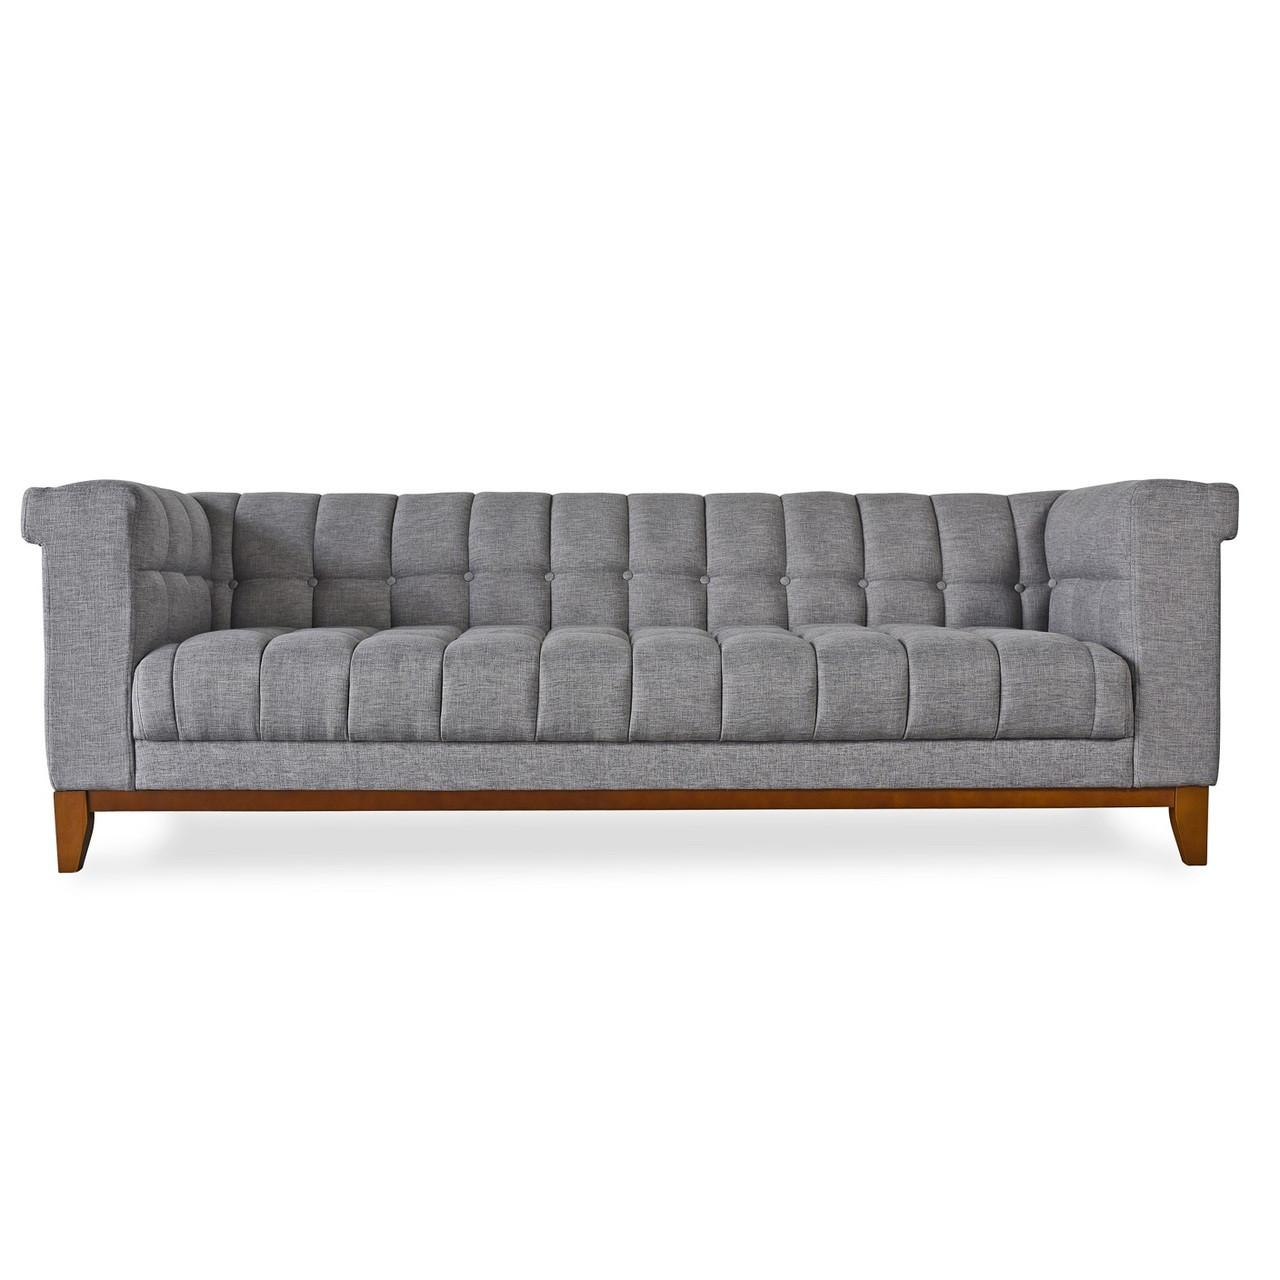 Nest modern grey linen tufted sofa zin home